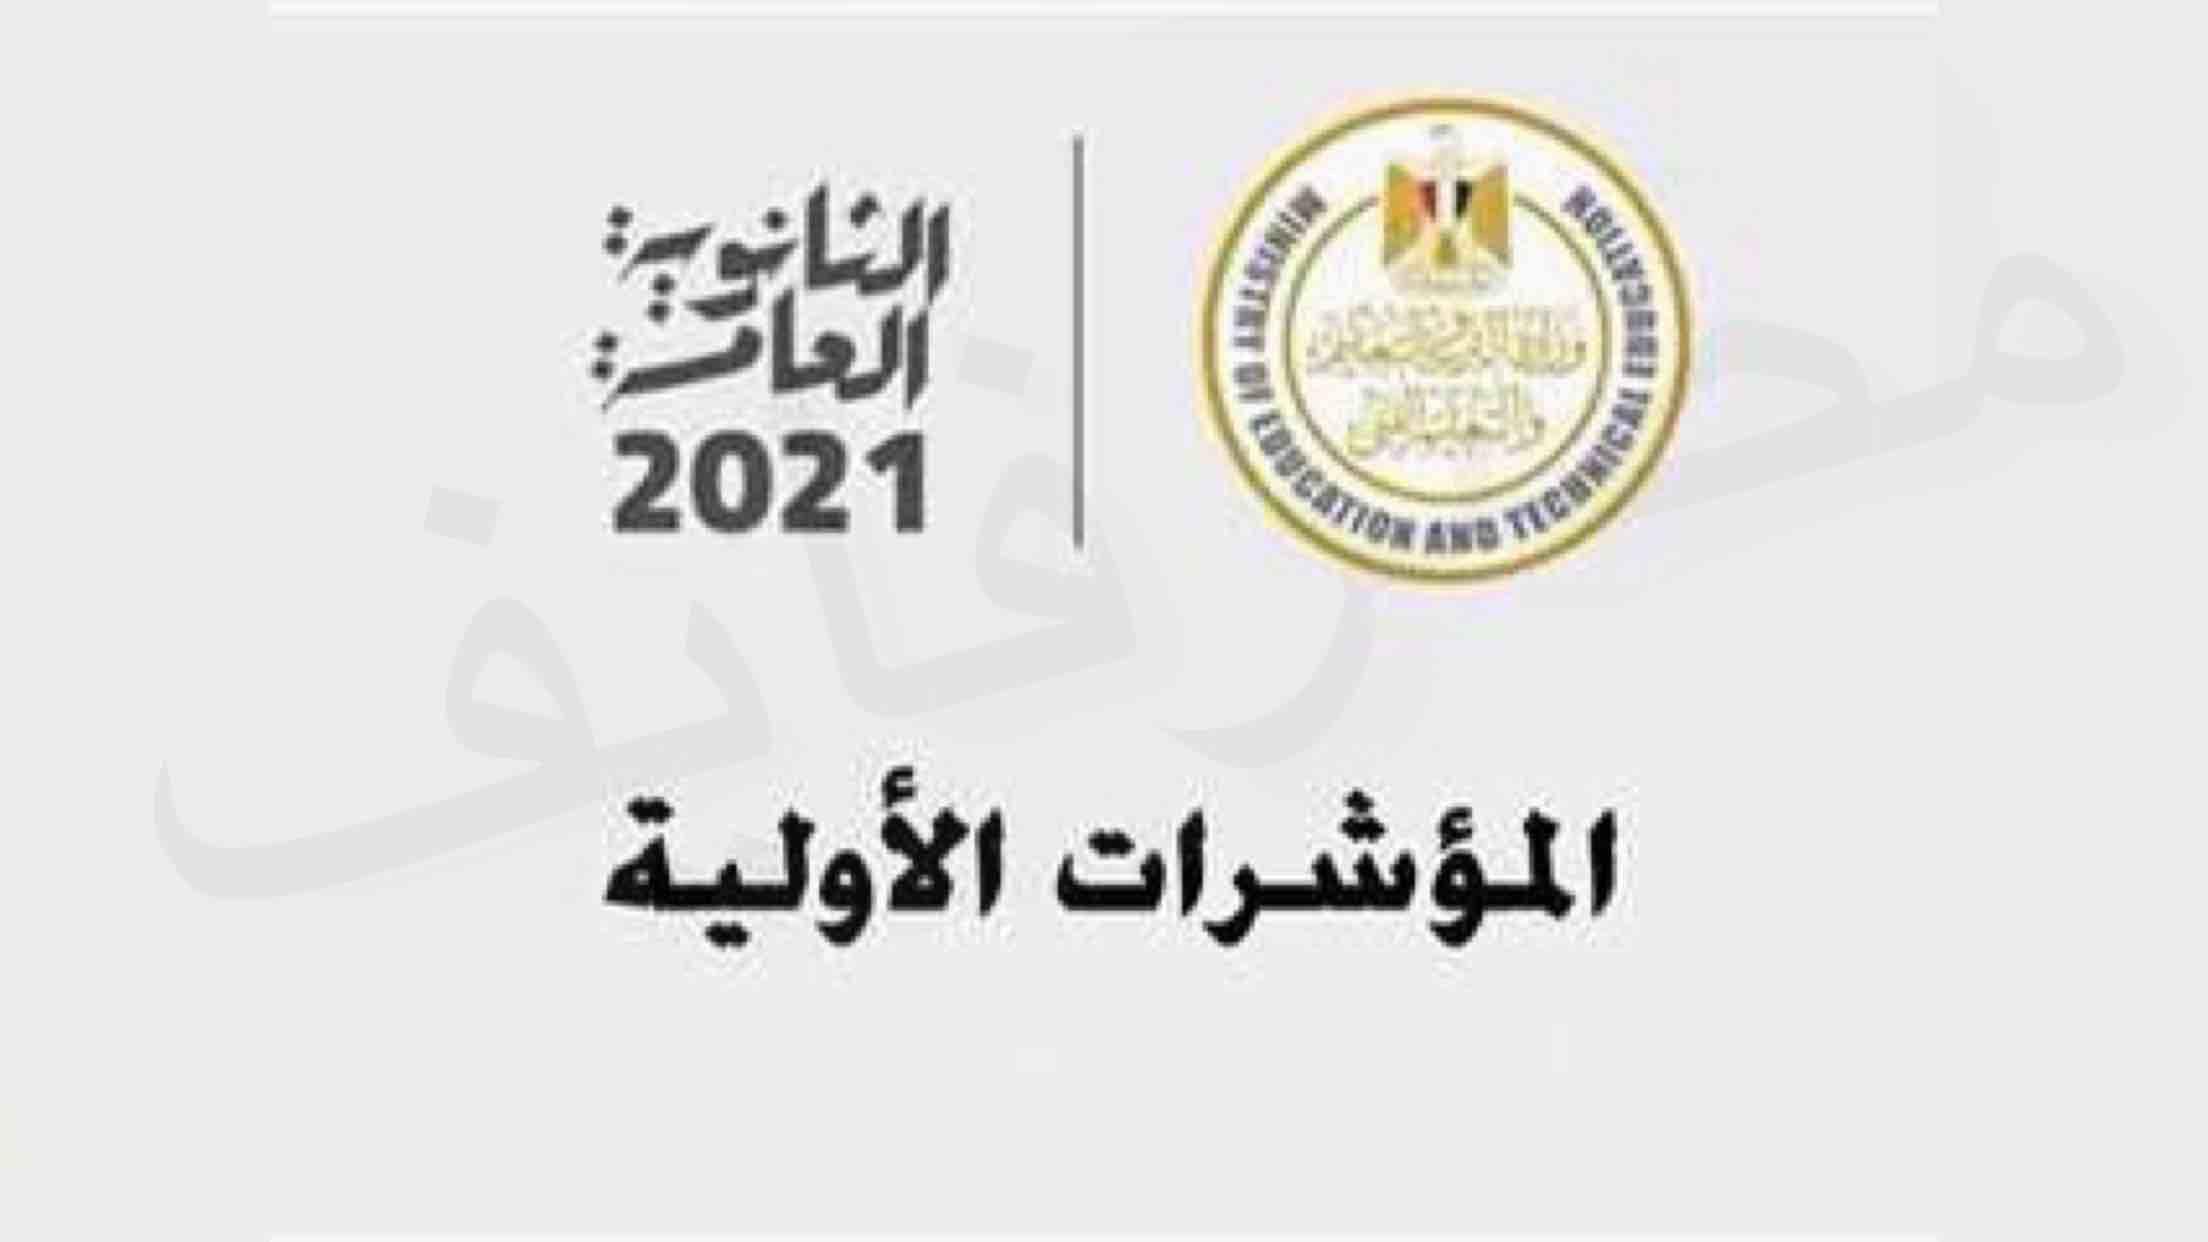 نرصد المؤشرات الأولية لـ نتيجة الثانوية العامة 2021 وموعد ظهورها